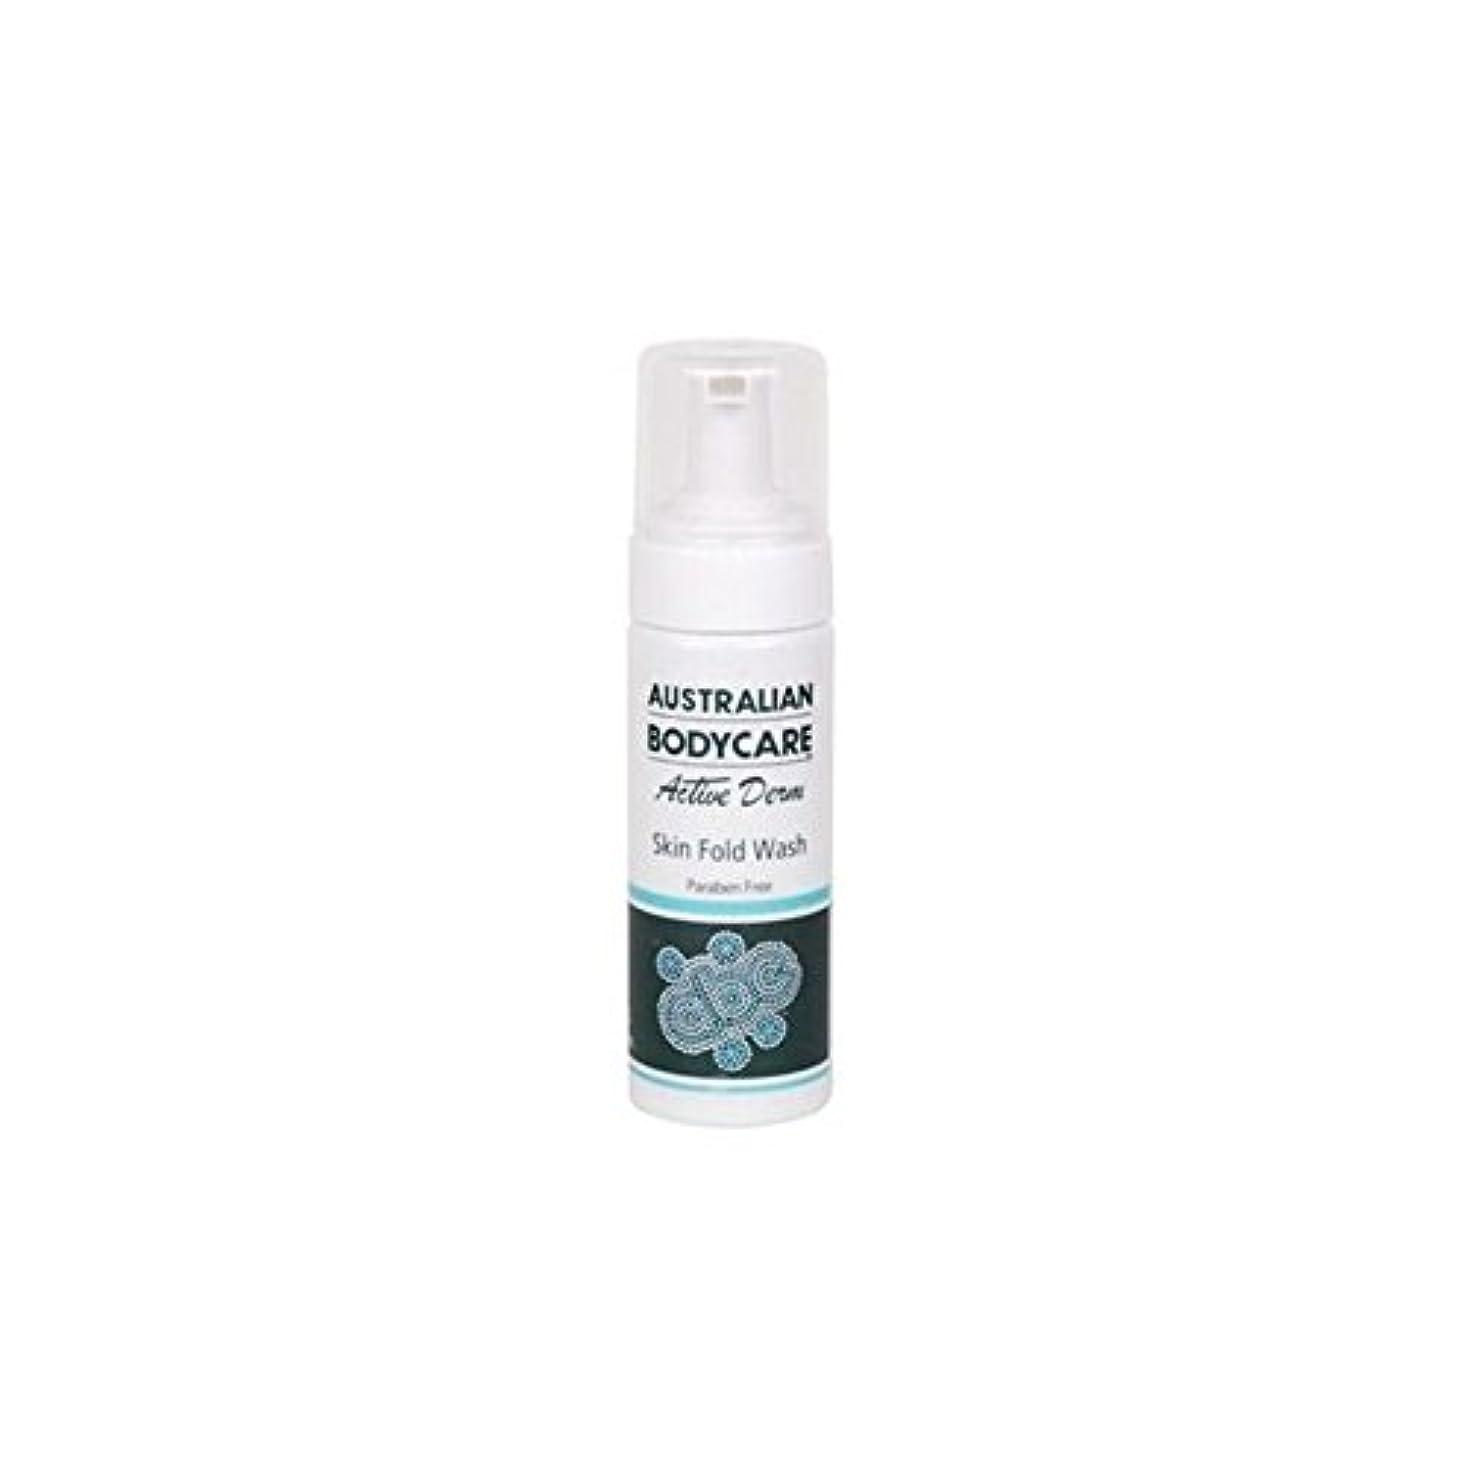 口ひげ赤ちゃん設計図オーストラリアのボディケアアクティブダームの皮膚のひだの洗浄(150ミリリットル) x2 - Australian Bodycare Active Derm Skin Fold Wash (150ml) (Pack of...